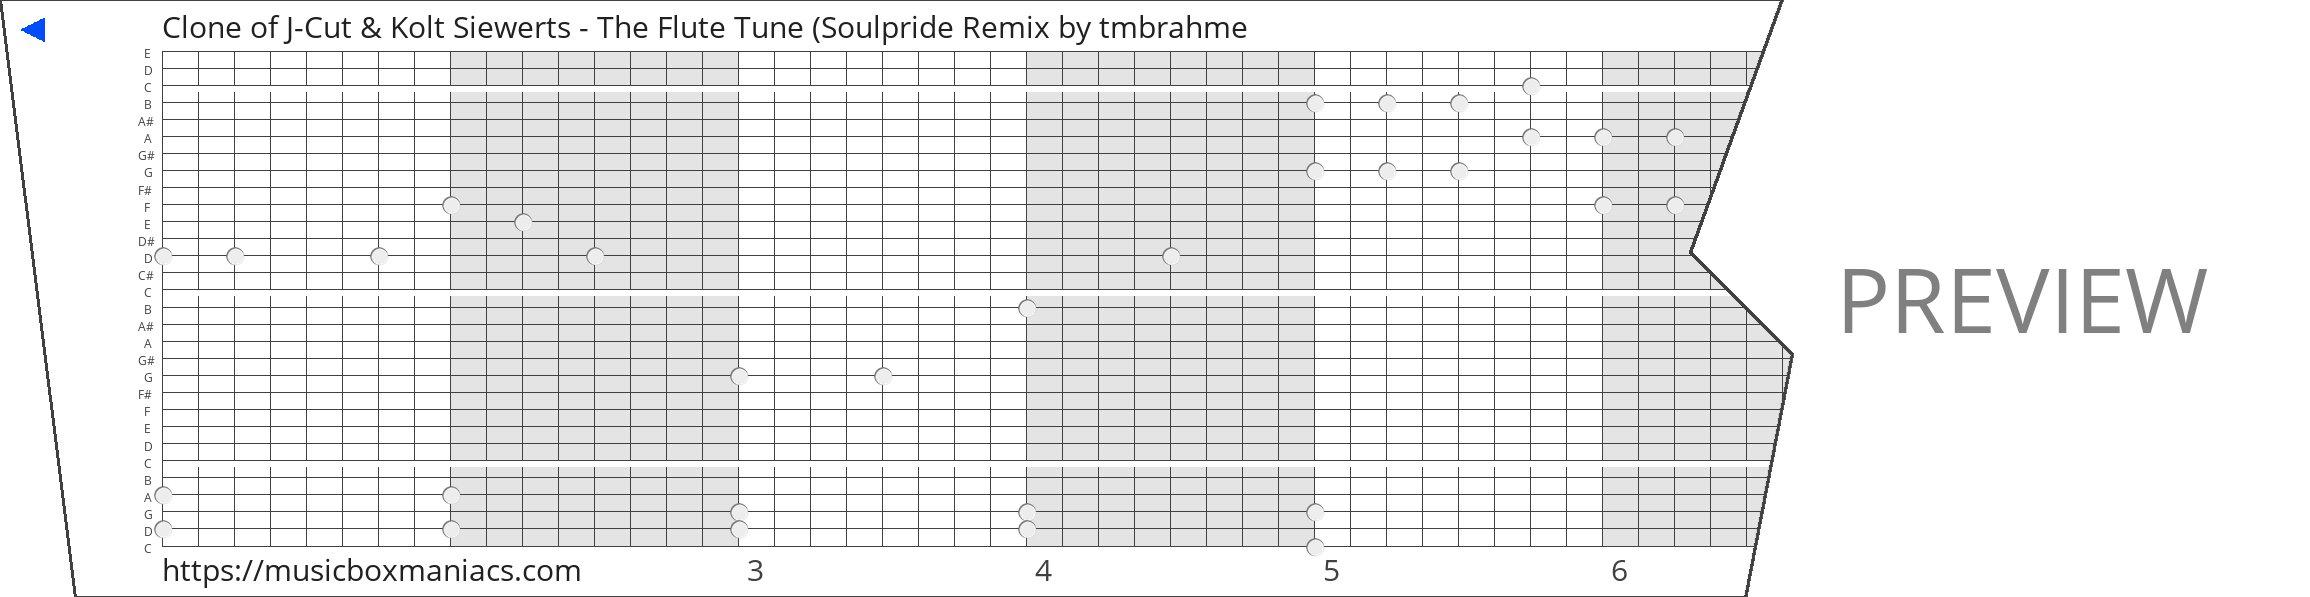 Clone of J-Cut & Kolt Siewerts - The Flute Tune (Soulpride Remix 30 note music box paper strip